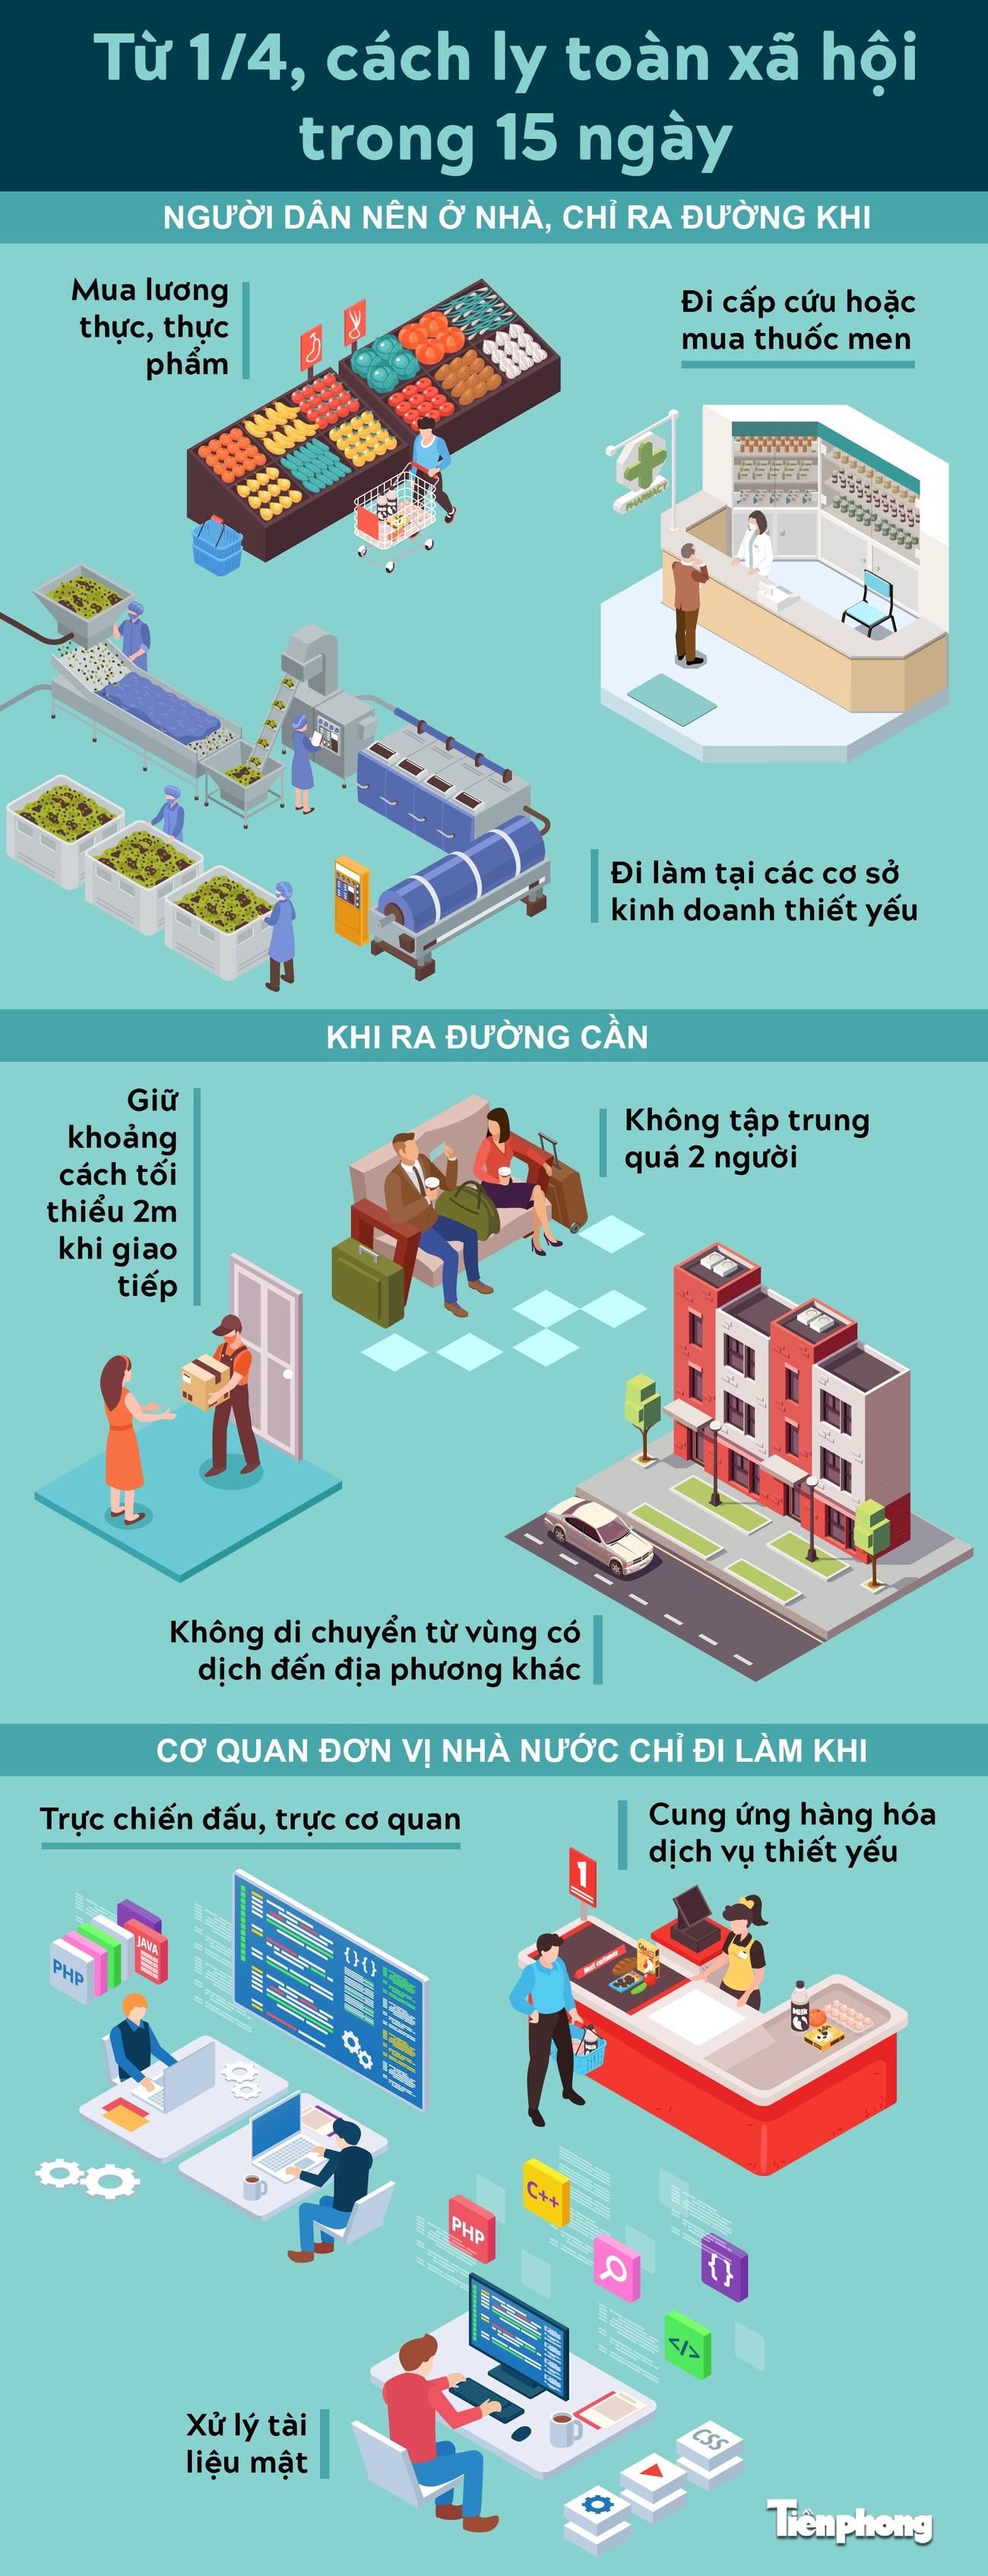 Việt Nam 'cách ly toàn xã hội' trong 15 ngày ảnh 1